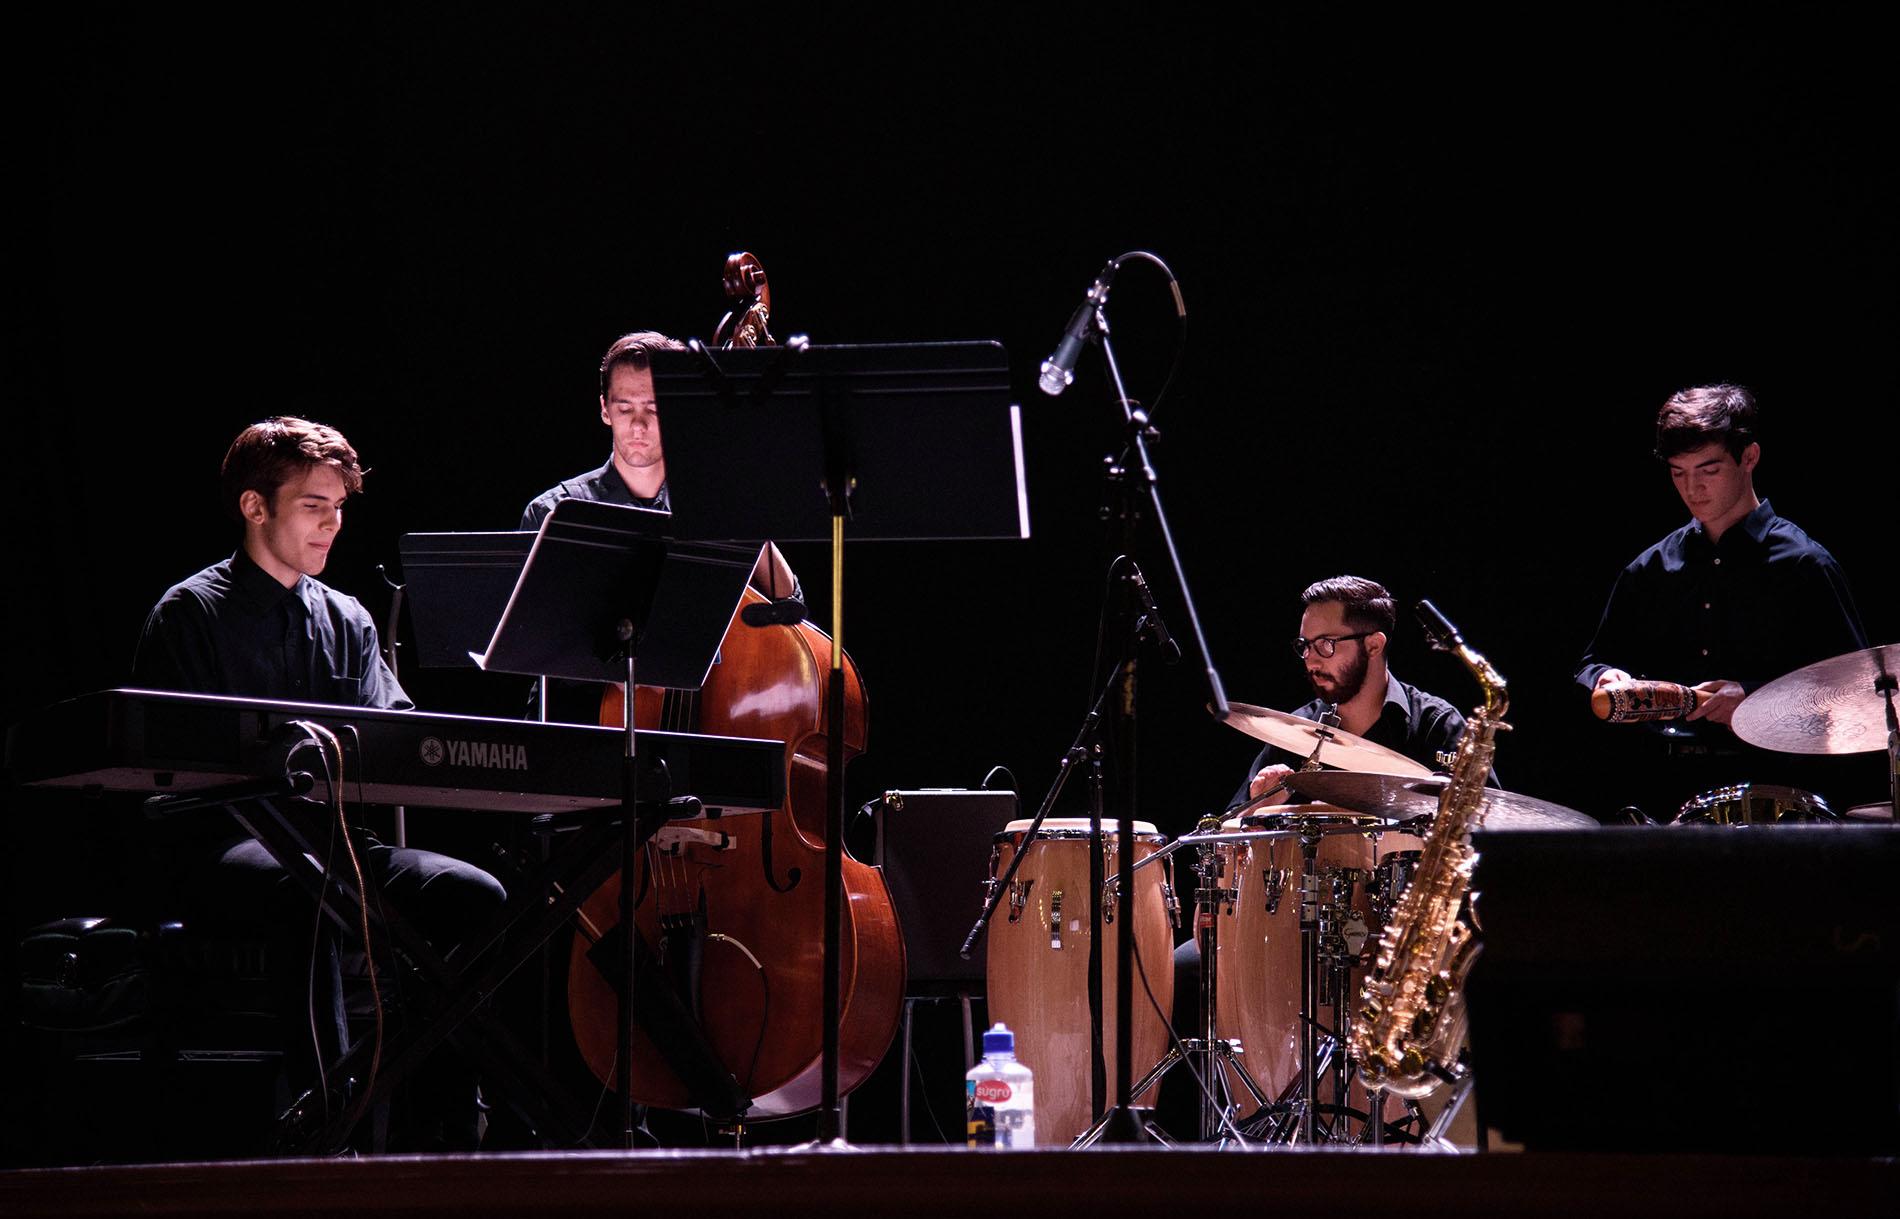 Lavender Jazz performing